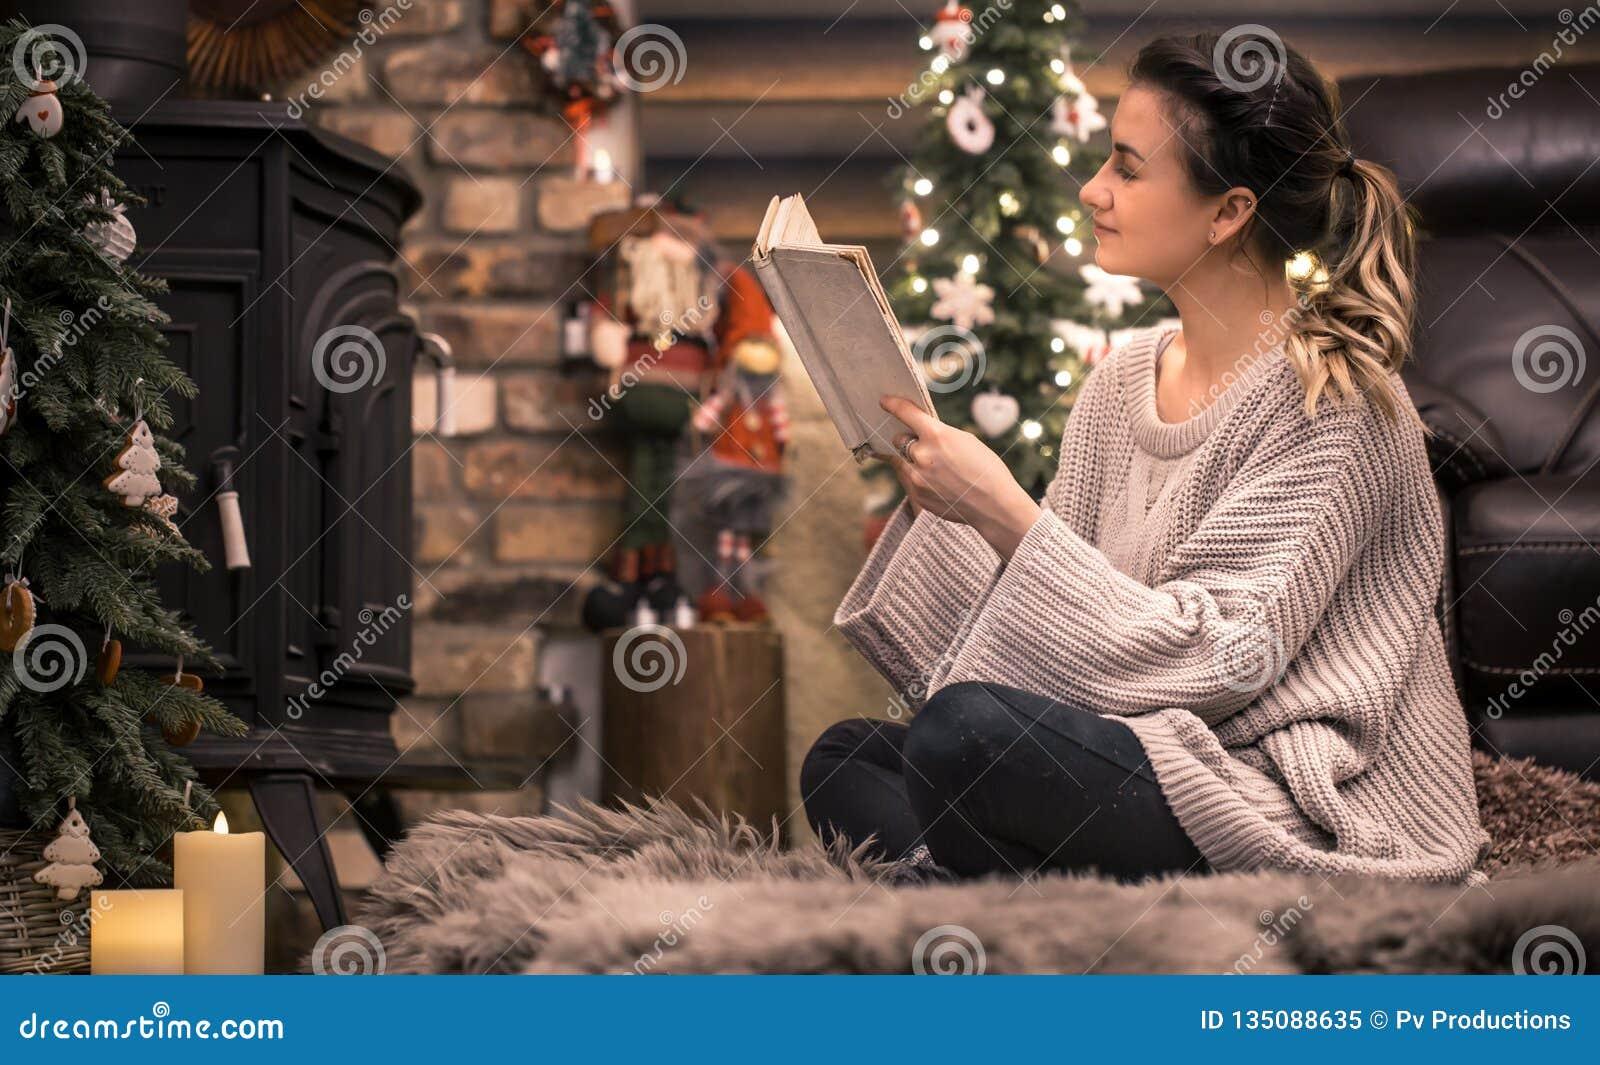 Dziewczyna czyta książkę w wygodnej domowej atmosferze blisko graby